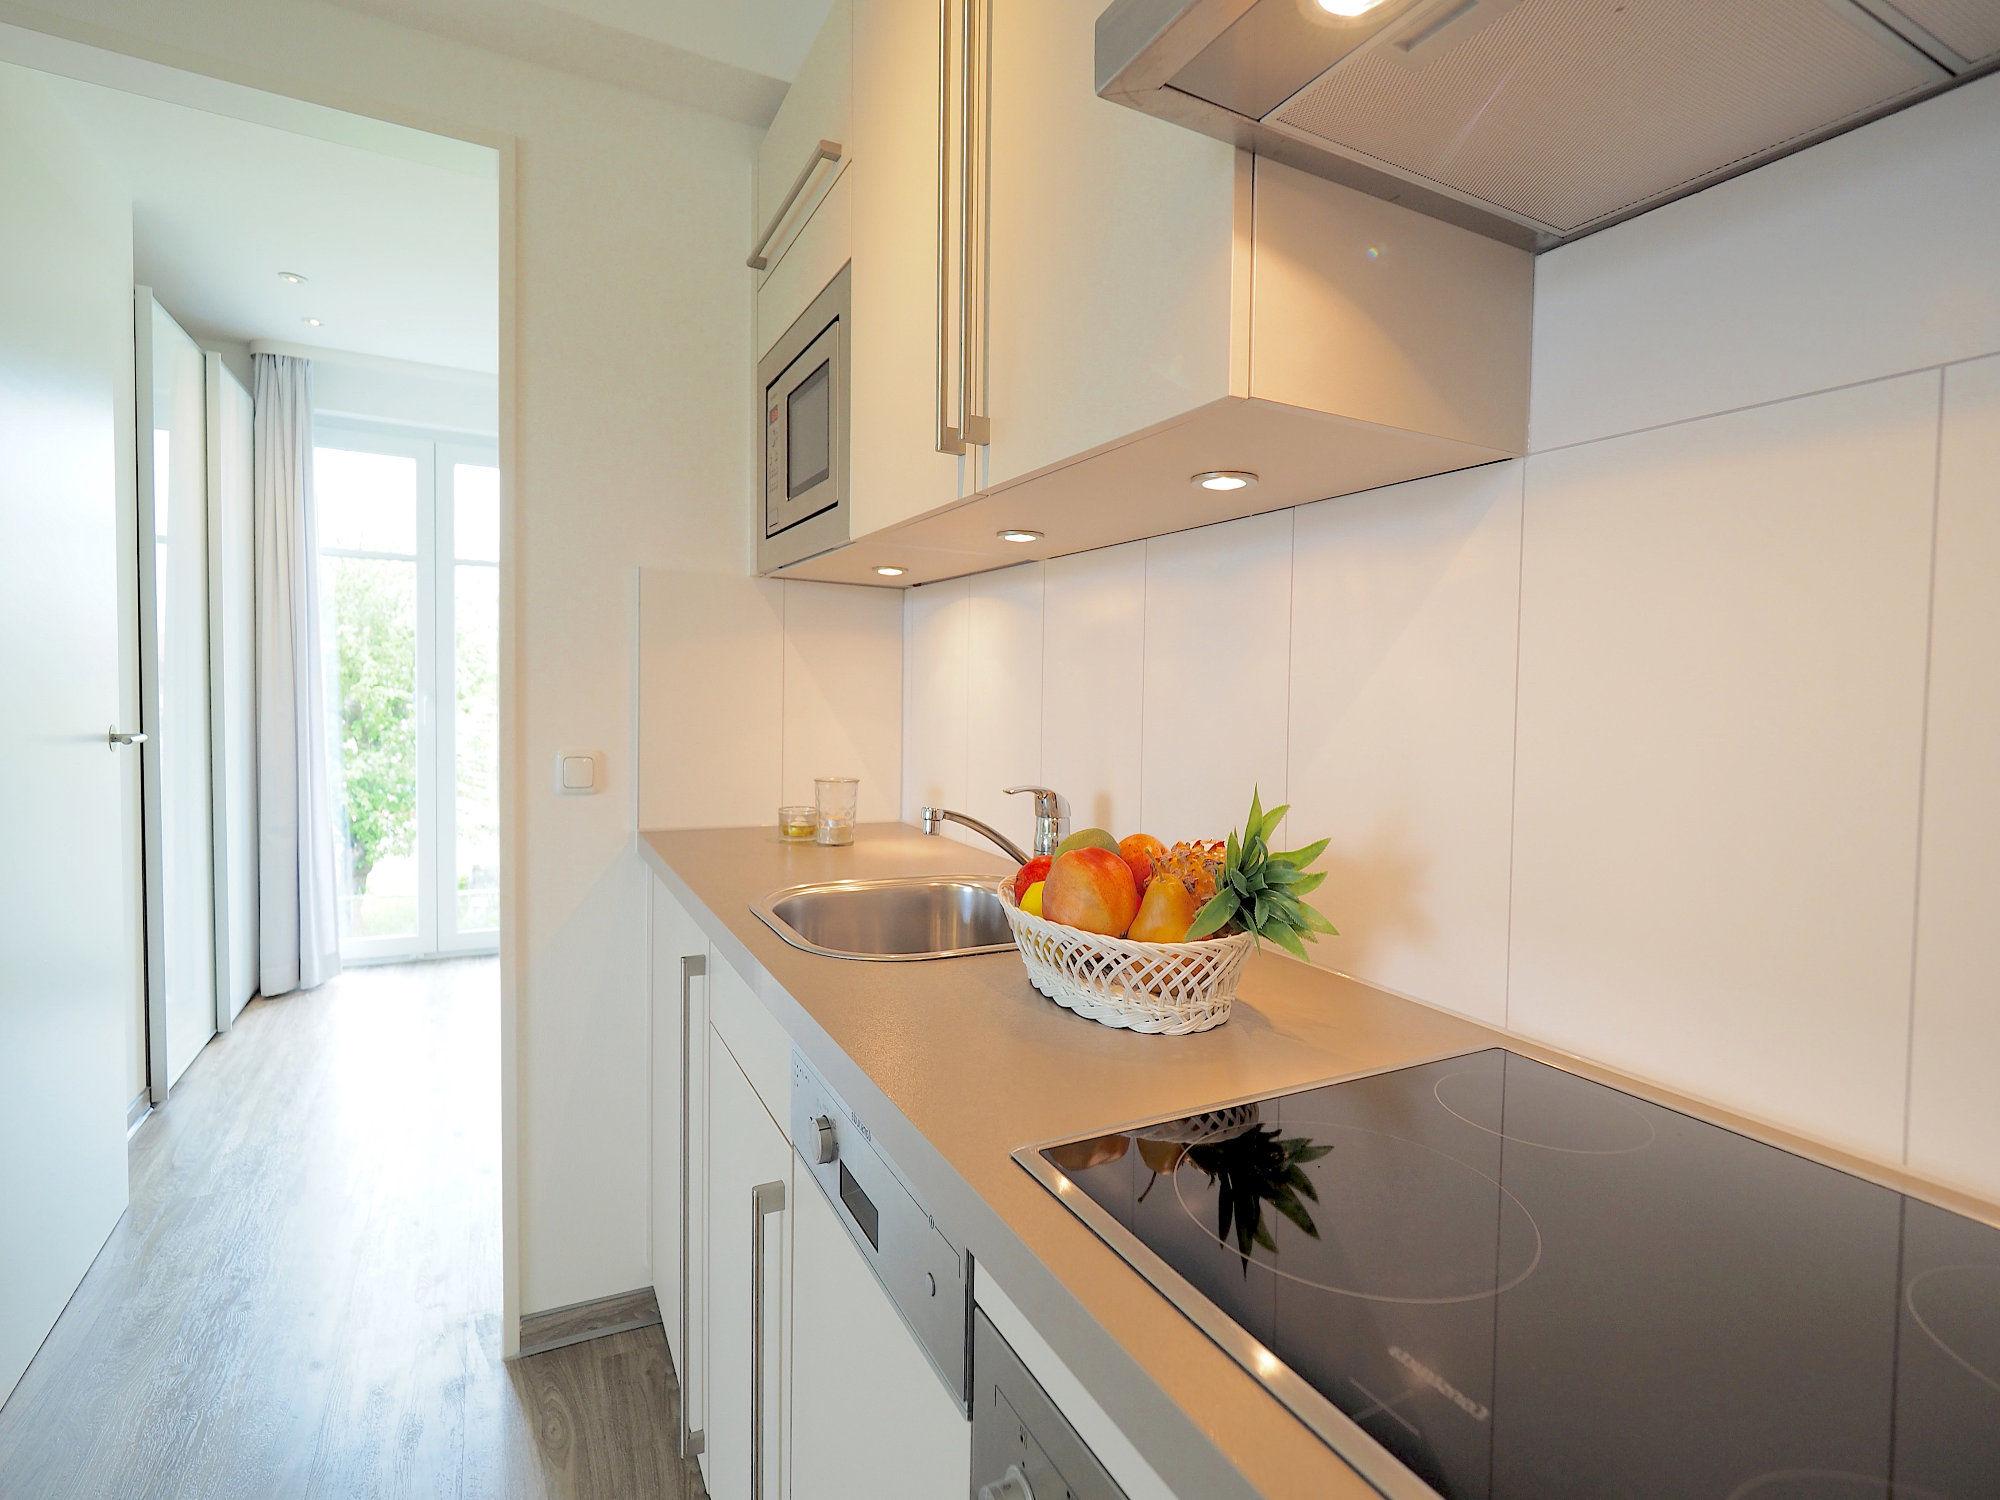 Seitlicher Blick auf die Küchenzeile, im Hintergrund Blick zum Balkonfenster